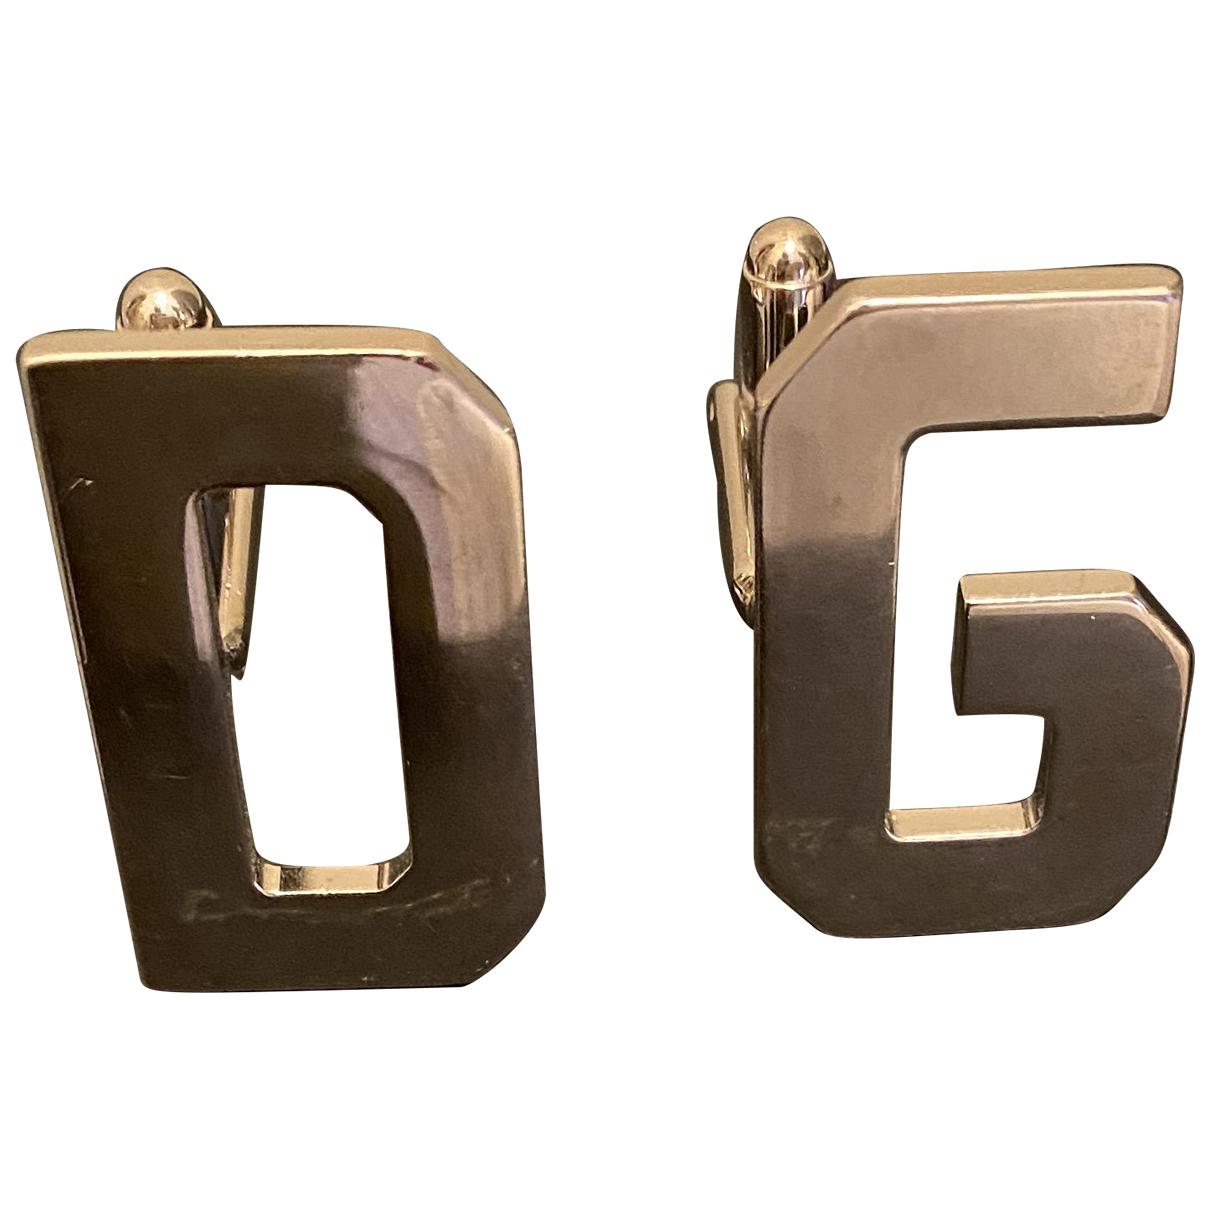 D&g - Boutons de manchette   pour homme en metal - argente